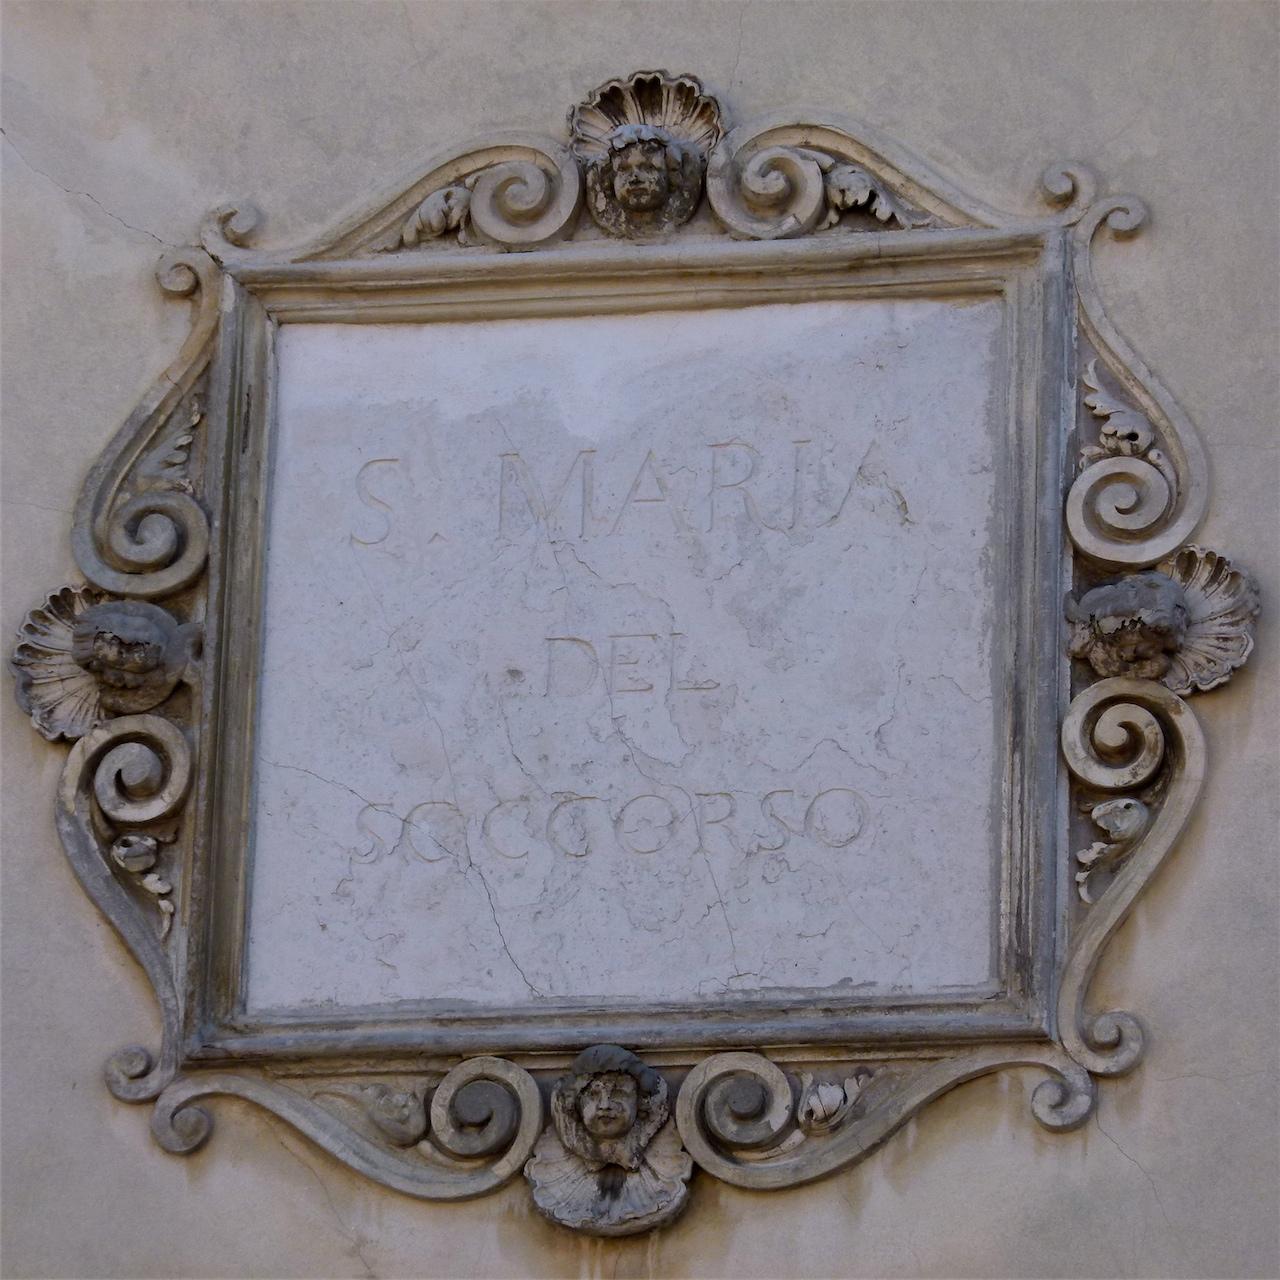 motivi a volute e putti (lapide, opera isolata) - ambito veneziano (fine/ inizio secc. XVI-XVII, sec. XVIII)